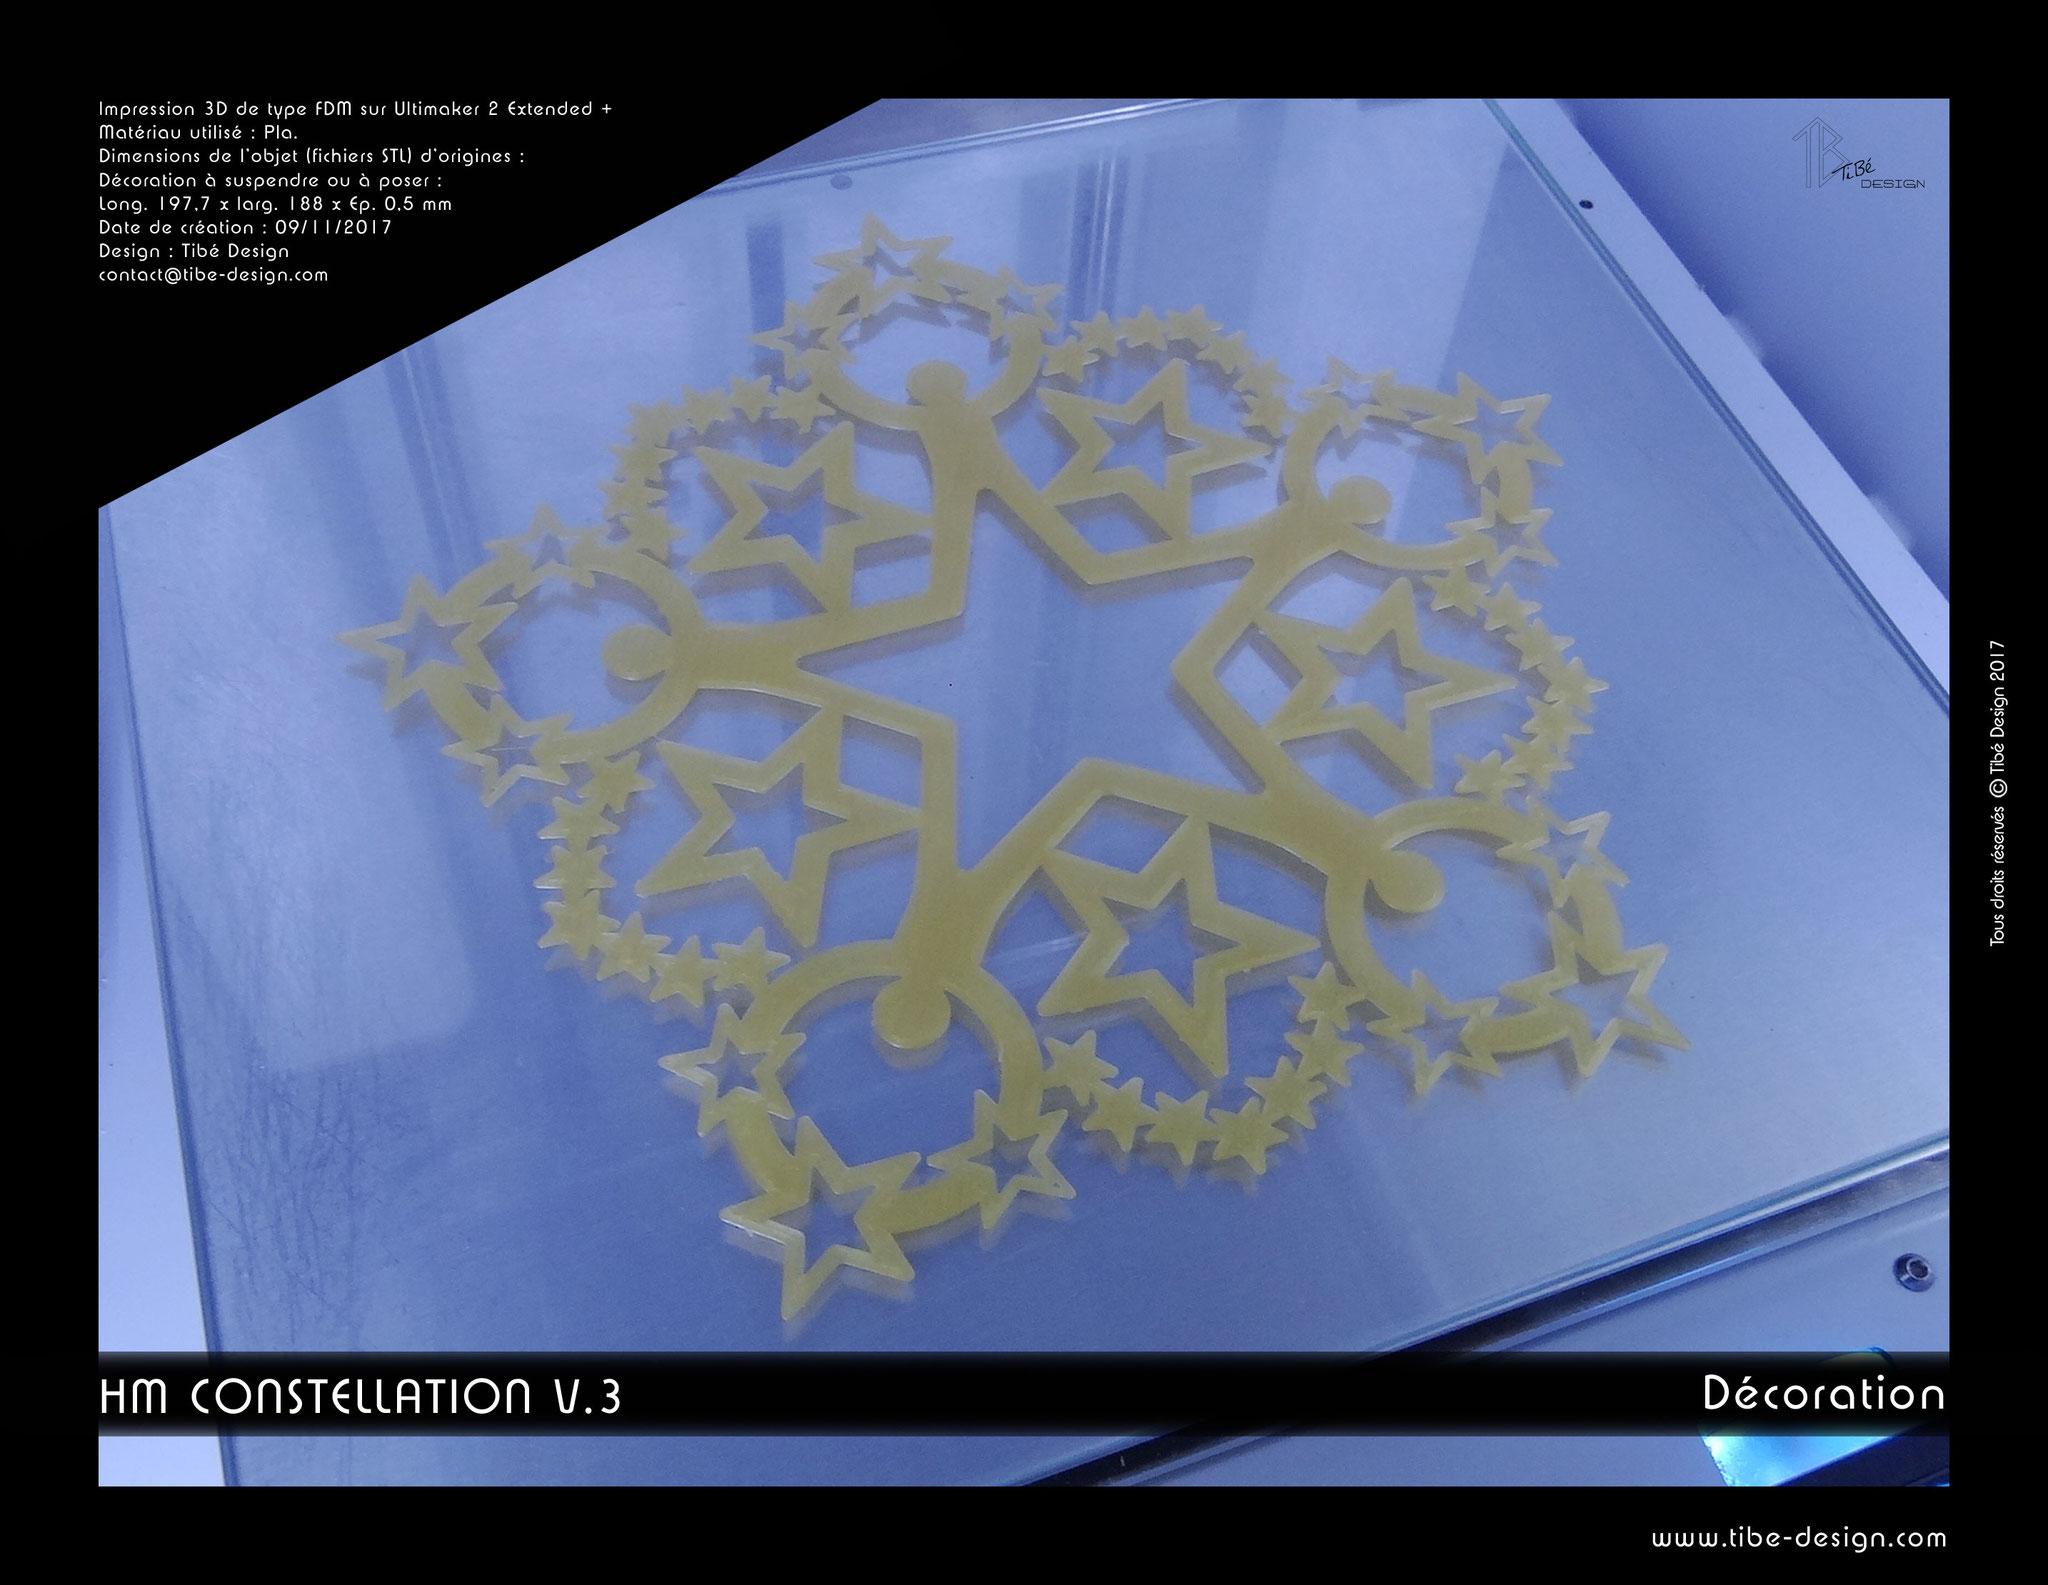 Déco HM Constellation V.3